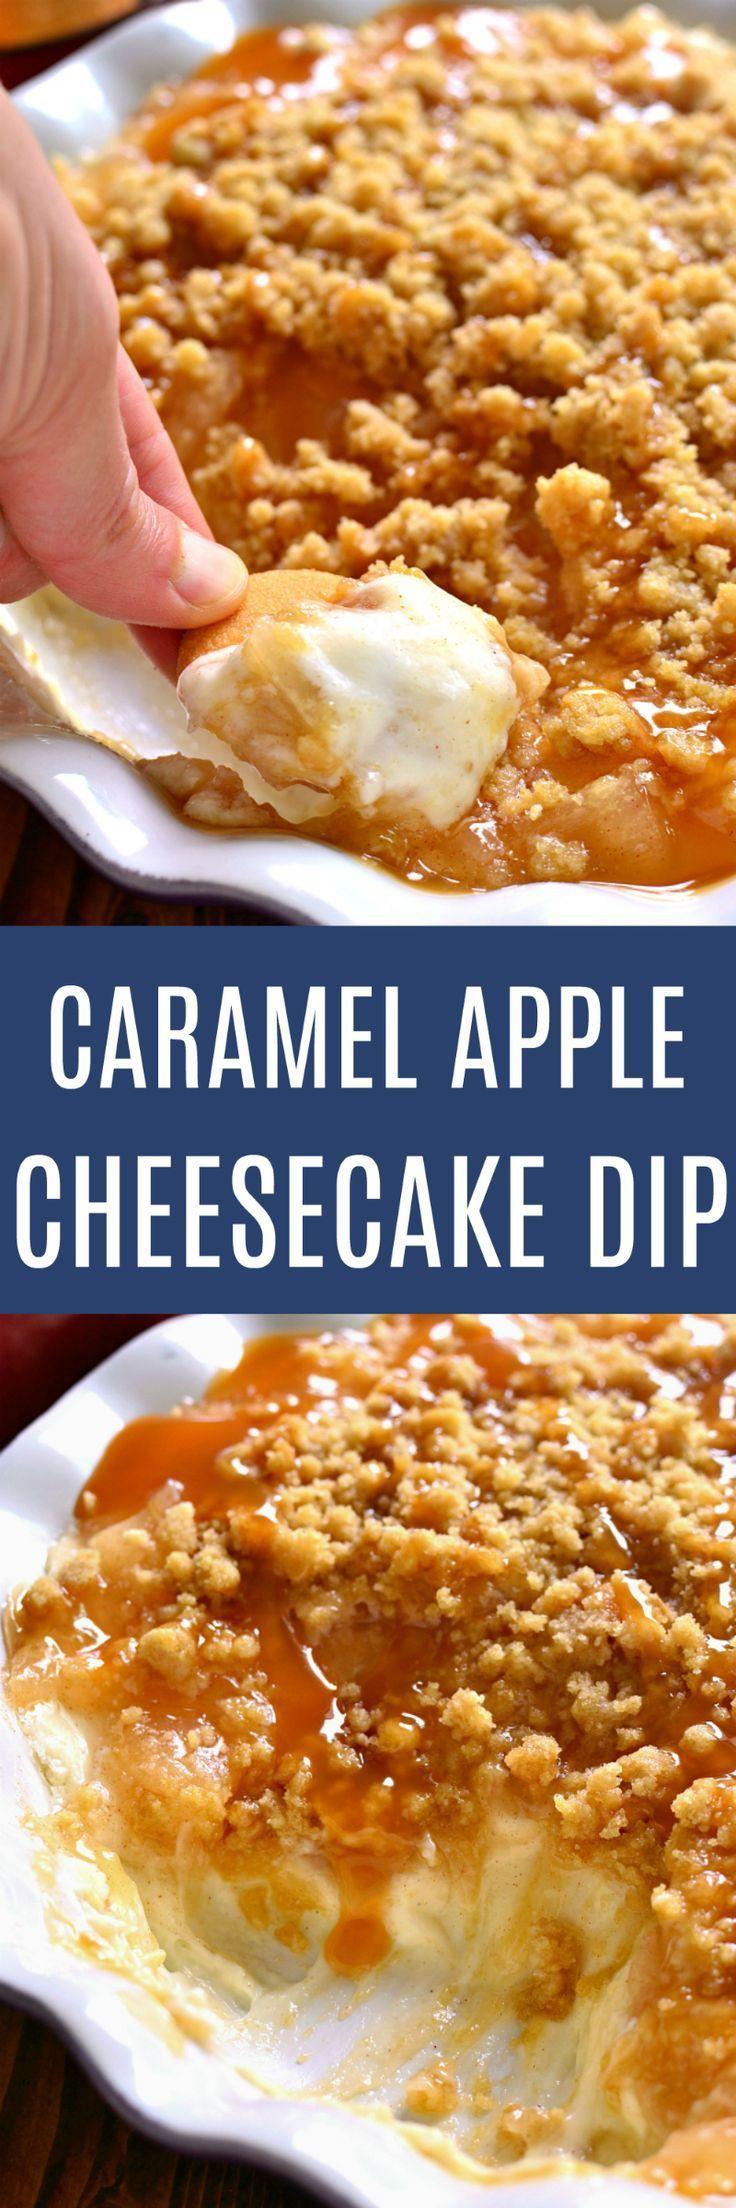 Caramel Apple Cheesecake Dip ist eine unserer Lieblingsherbstleckereien! Ooey, gooey che ... #caramelapplecheesecake Caramel Apple Cheesecake Dip ist eine unserer Lieblingsherbstleckereien! Ooey, gooey che ... -  - #Apple #Caramel #che #Cheesecake #Dip #eine #gooey #ist #Lieblingsherbstleckereien #Ooey #unserer #caramelapplecheesecake